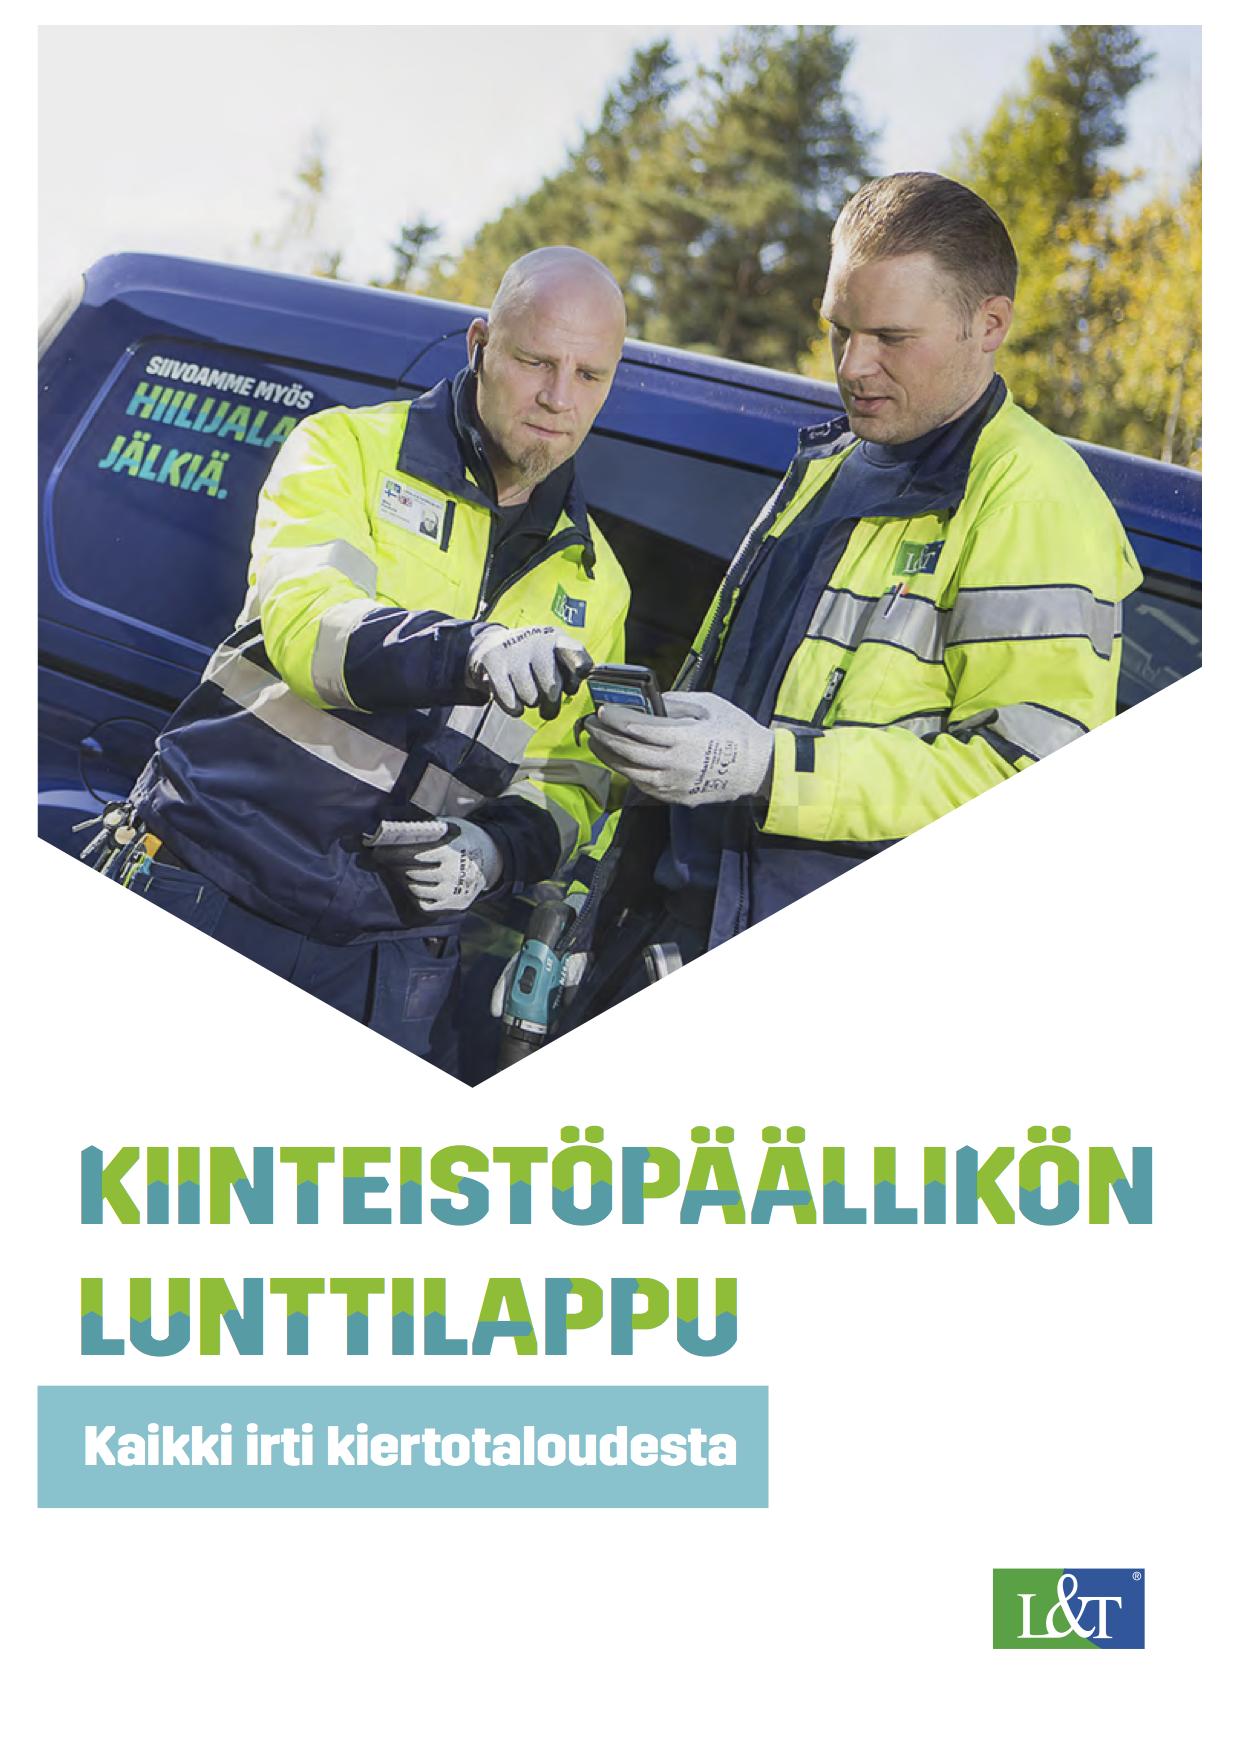 Kiinteistöpäällikön lunttilappu_small.png